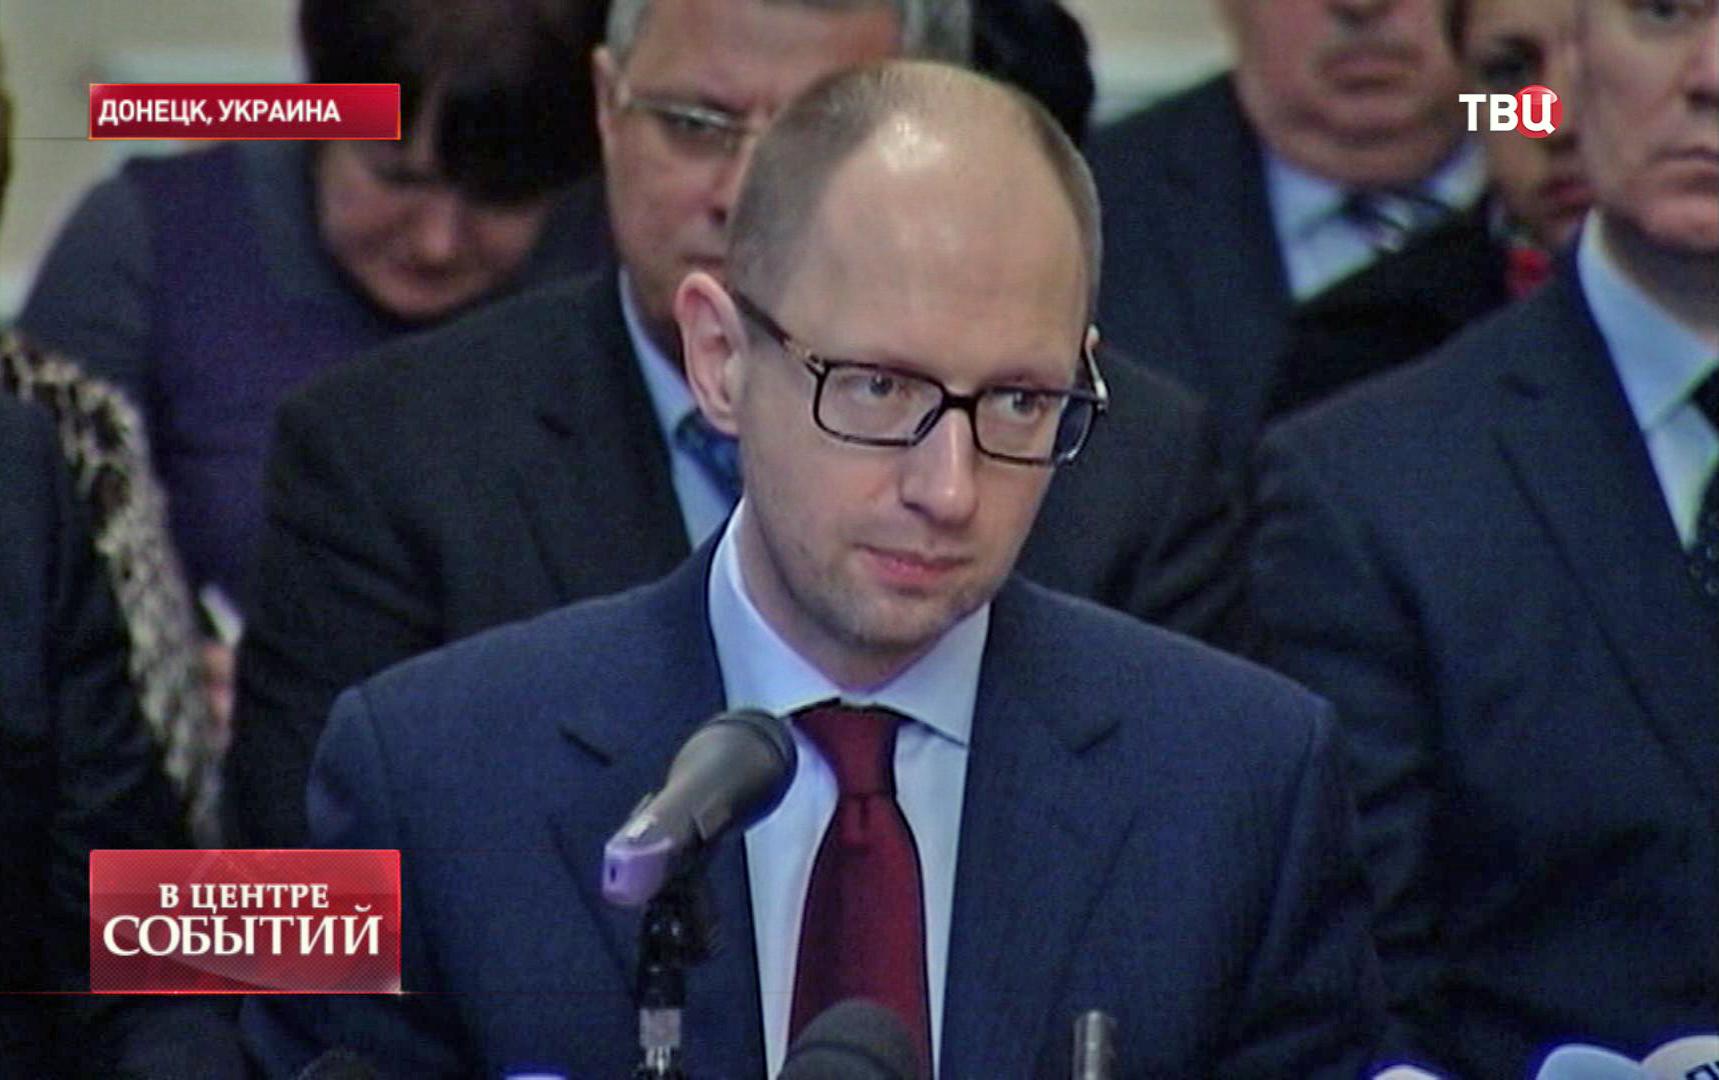 Арсений Яценюк на пресс-брифинге в донецкой торгово-промышленной палате